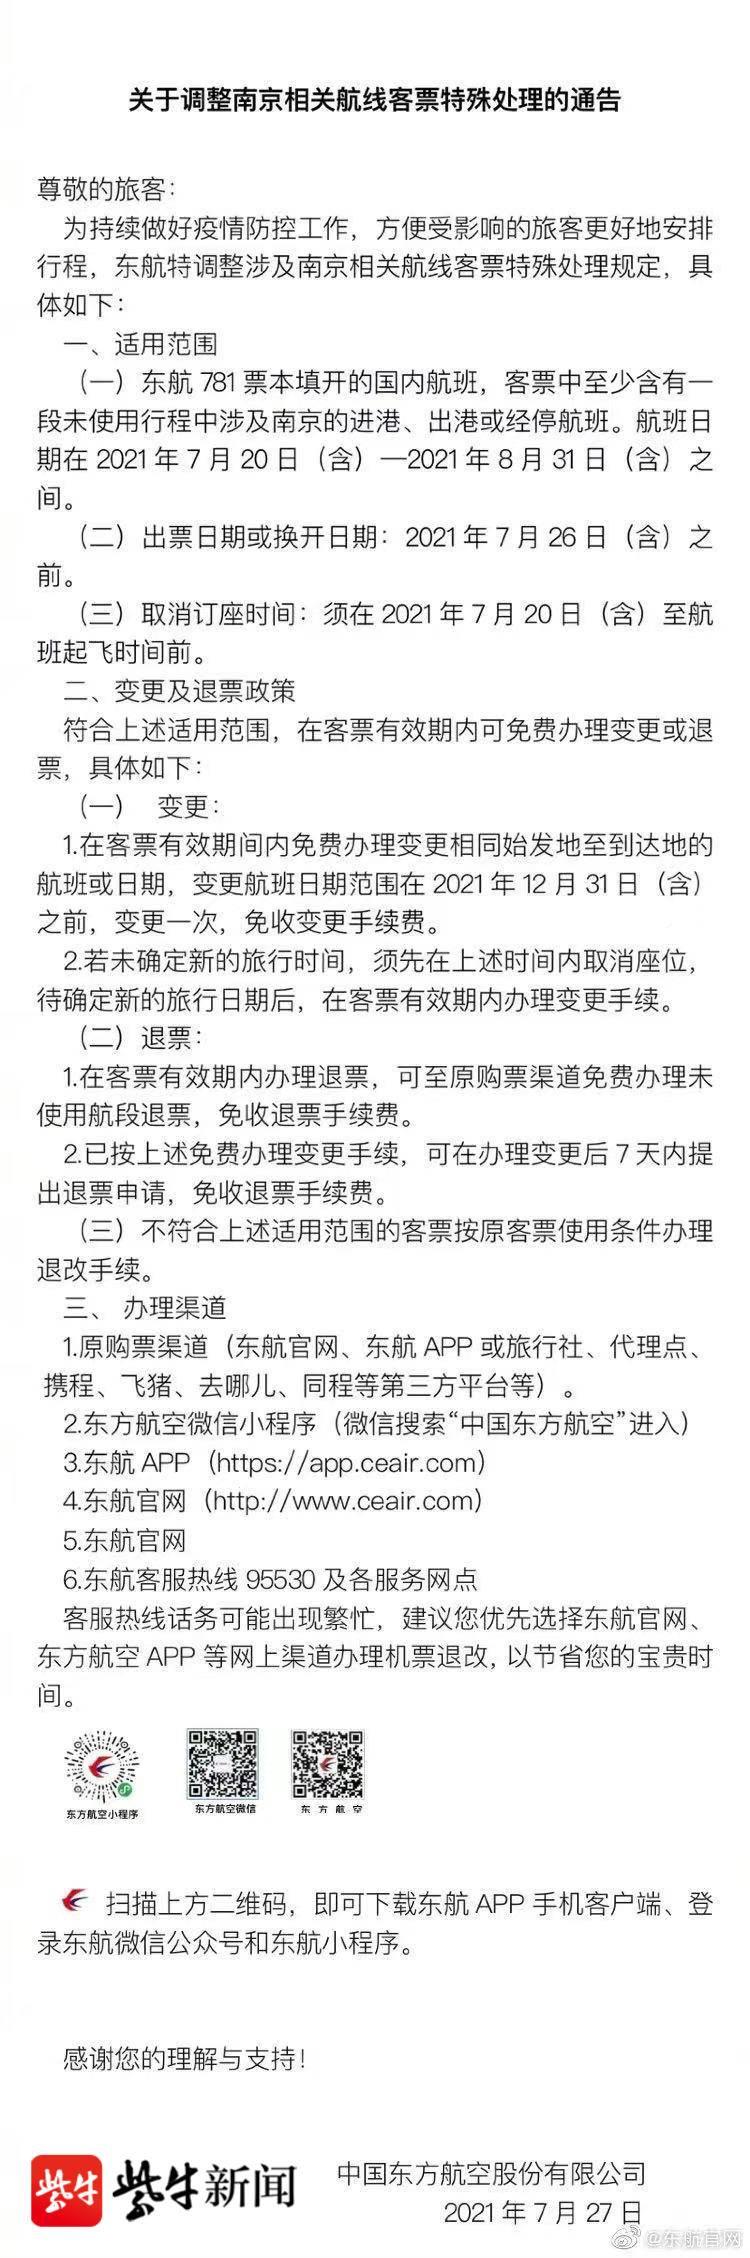 信宏注册登录:延长至8月底:多家航空公司调整南京相关航线退改签政策